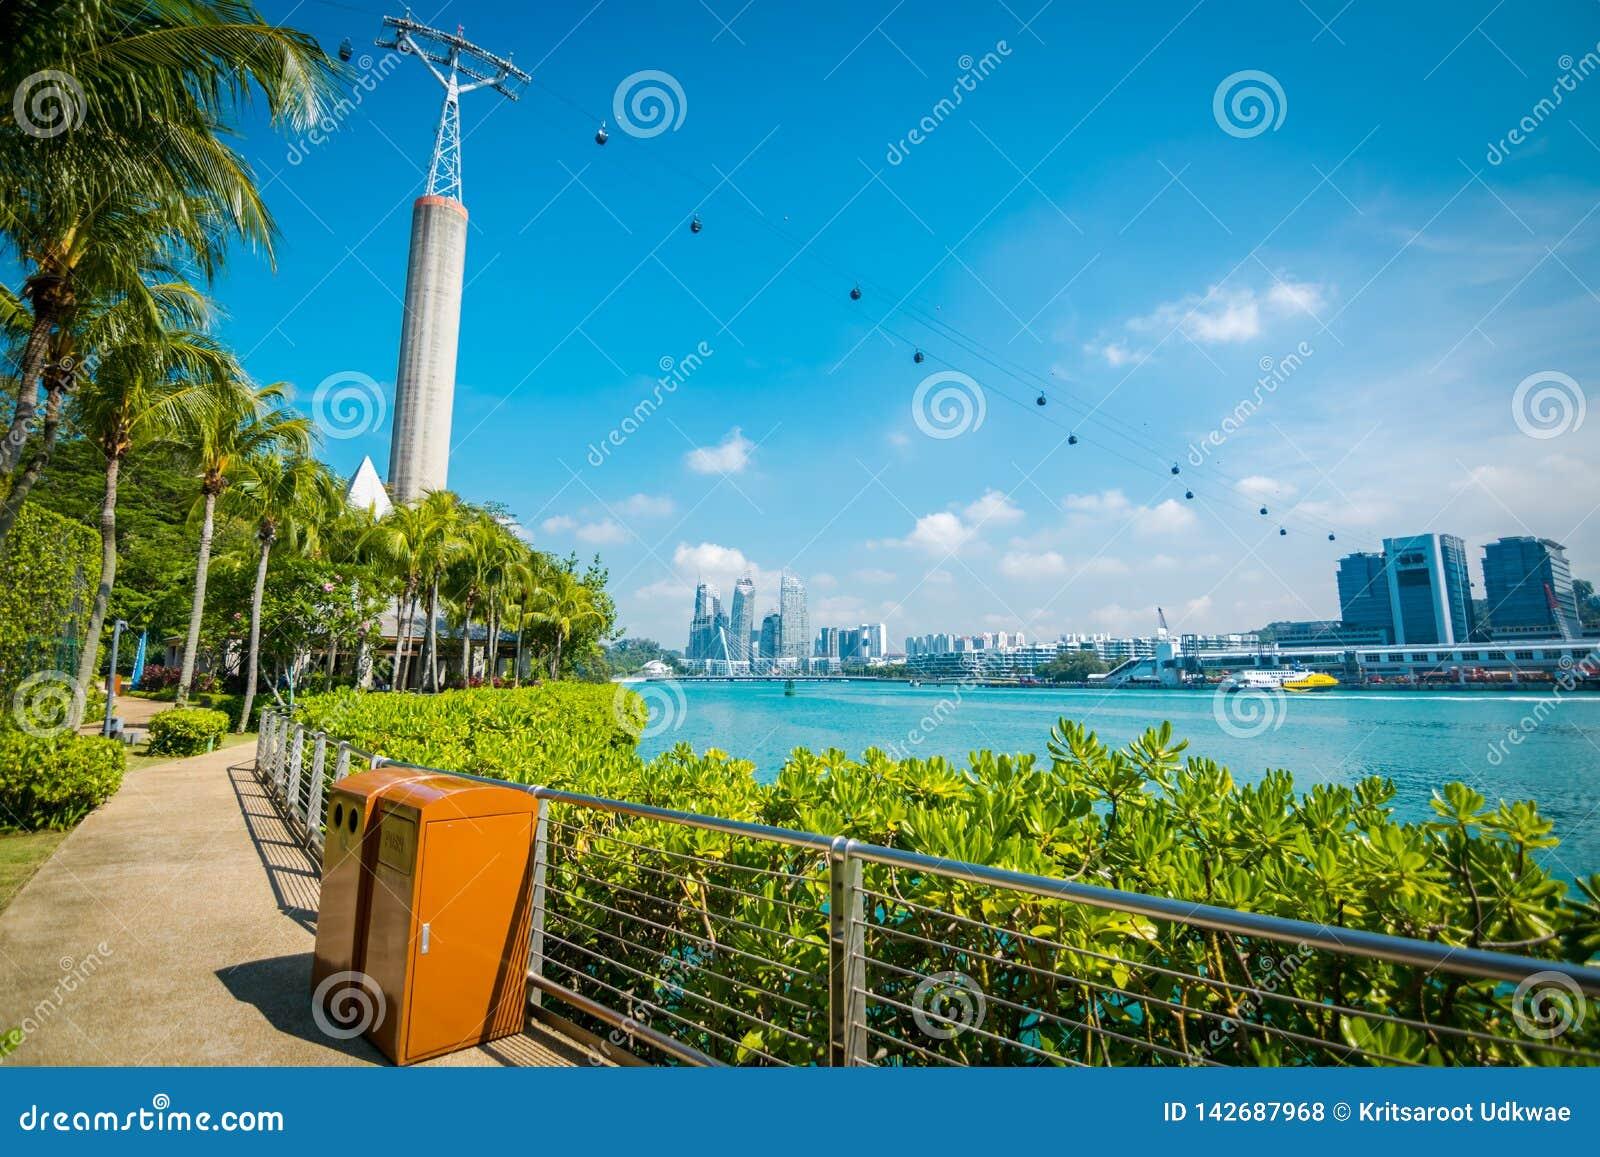 Arquitetura da cidade e paisagem de Singapura Vista dos teleféricos da ilha de Sentosa à estação do teleférico de HarbourFront